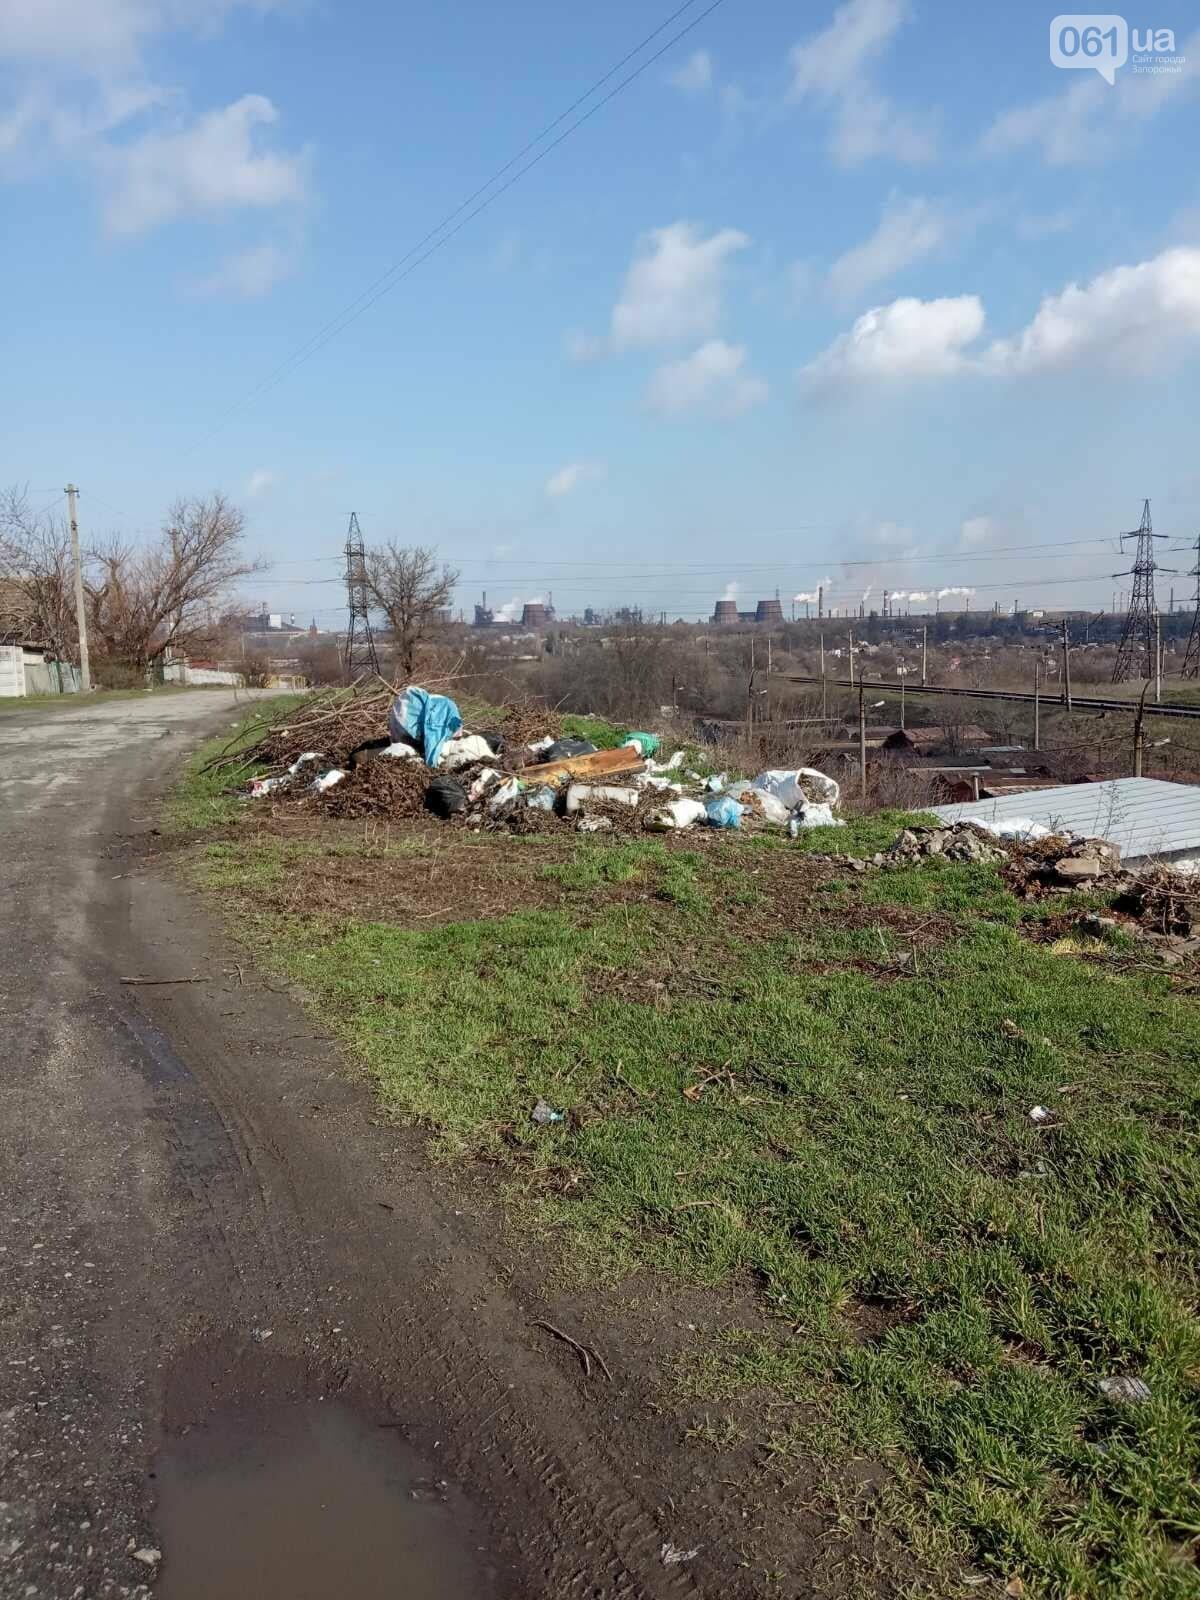 В Запорожье оштрафуют водителя грузовика, который вывез строительный мусор на стихийную свалку , фото-4